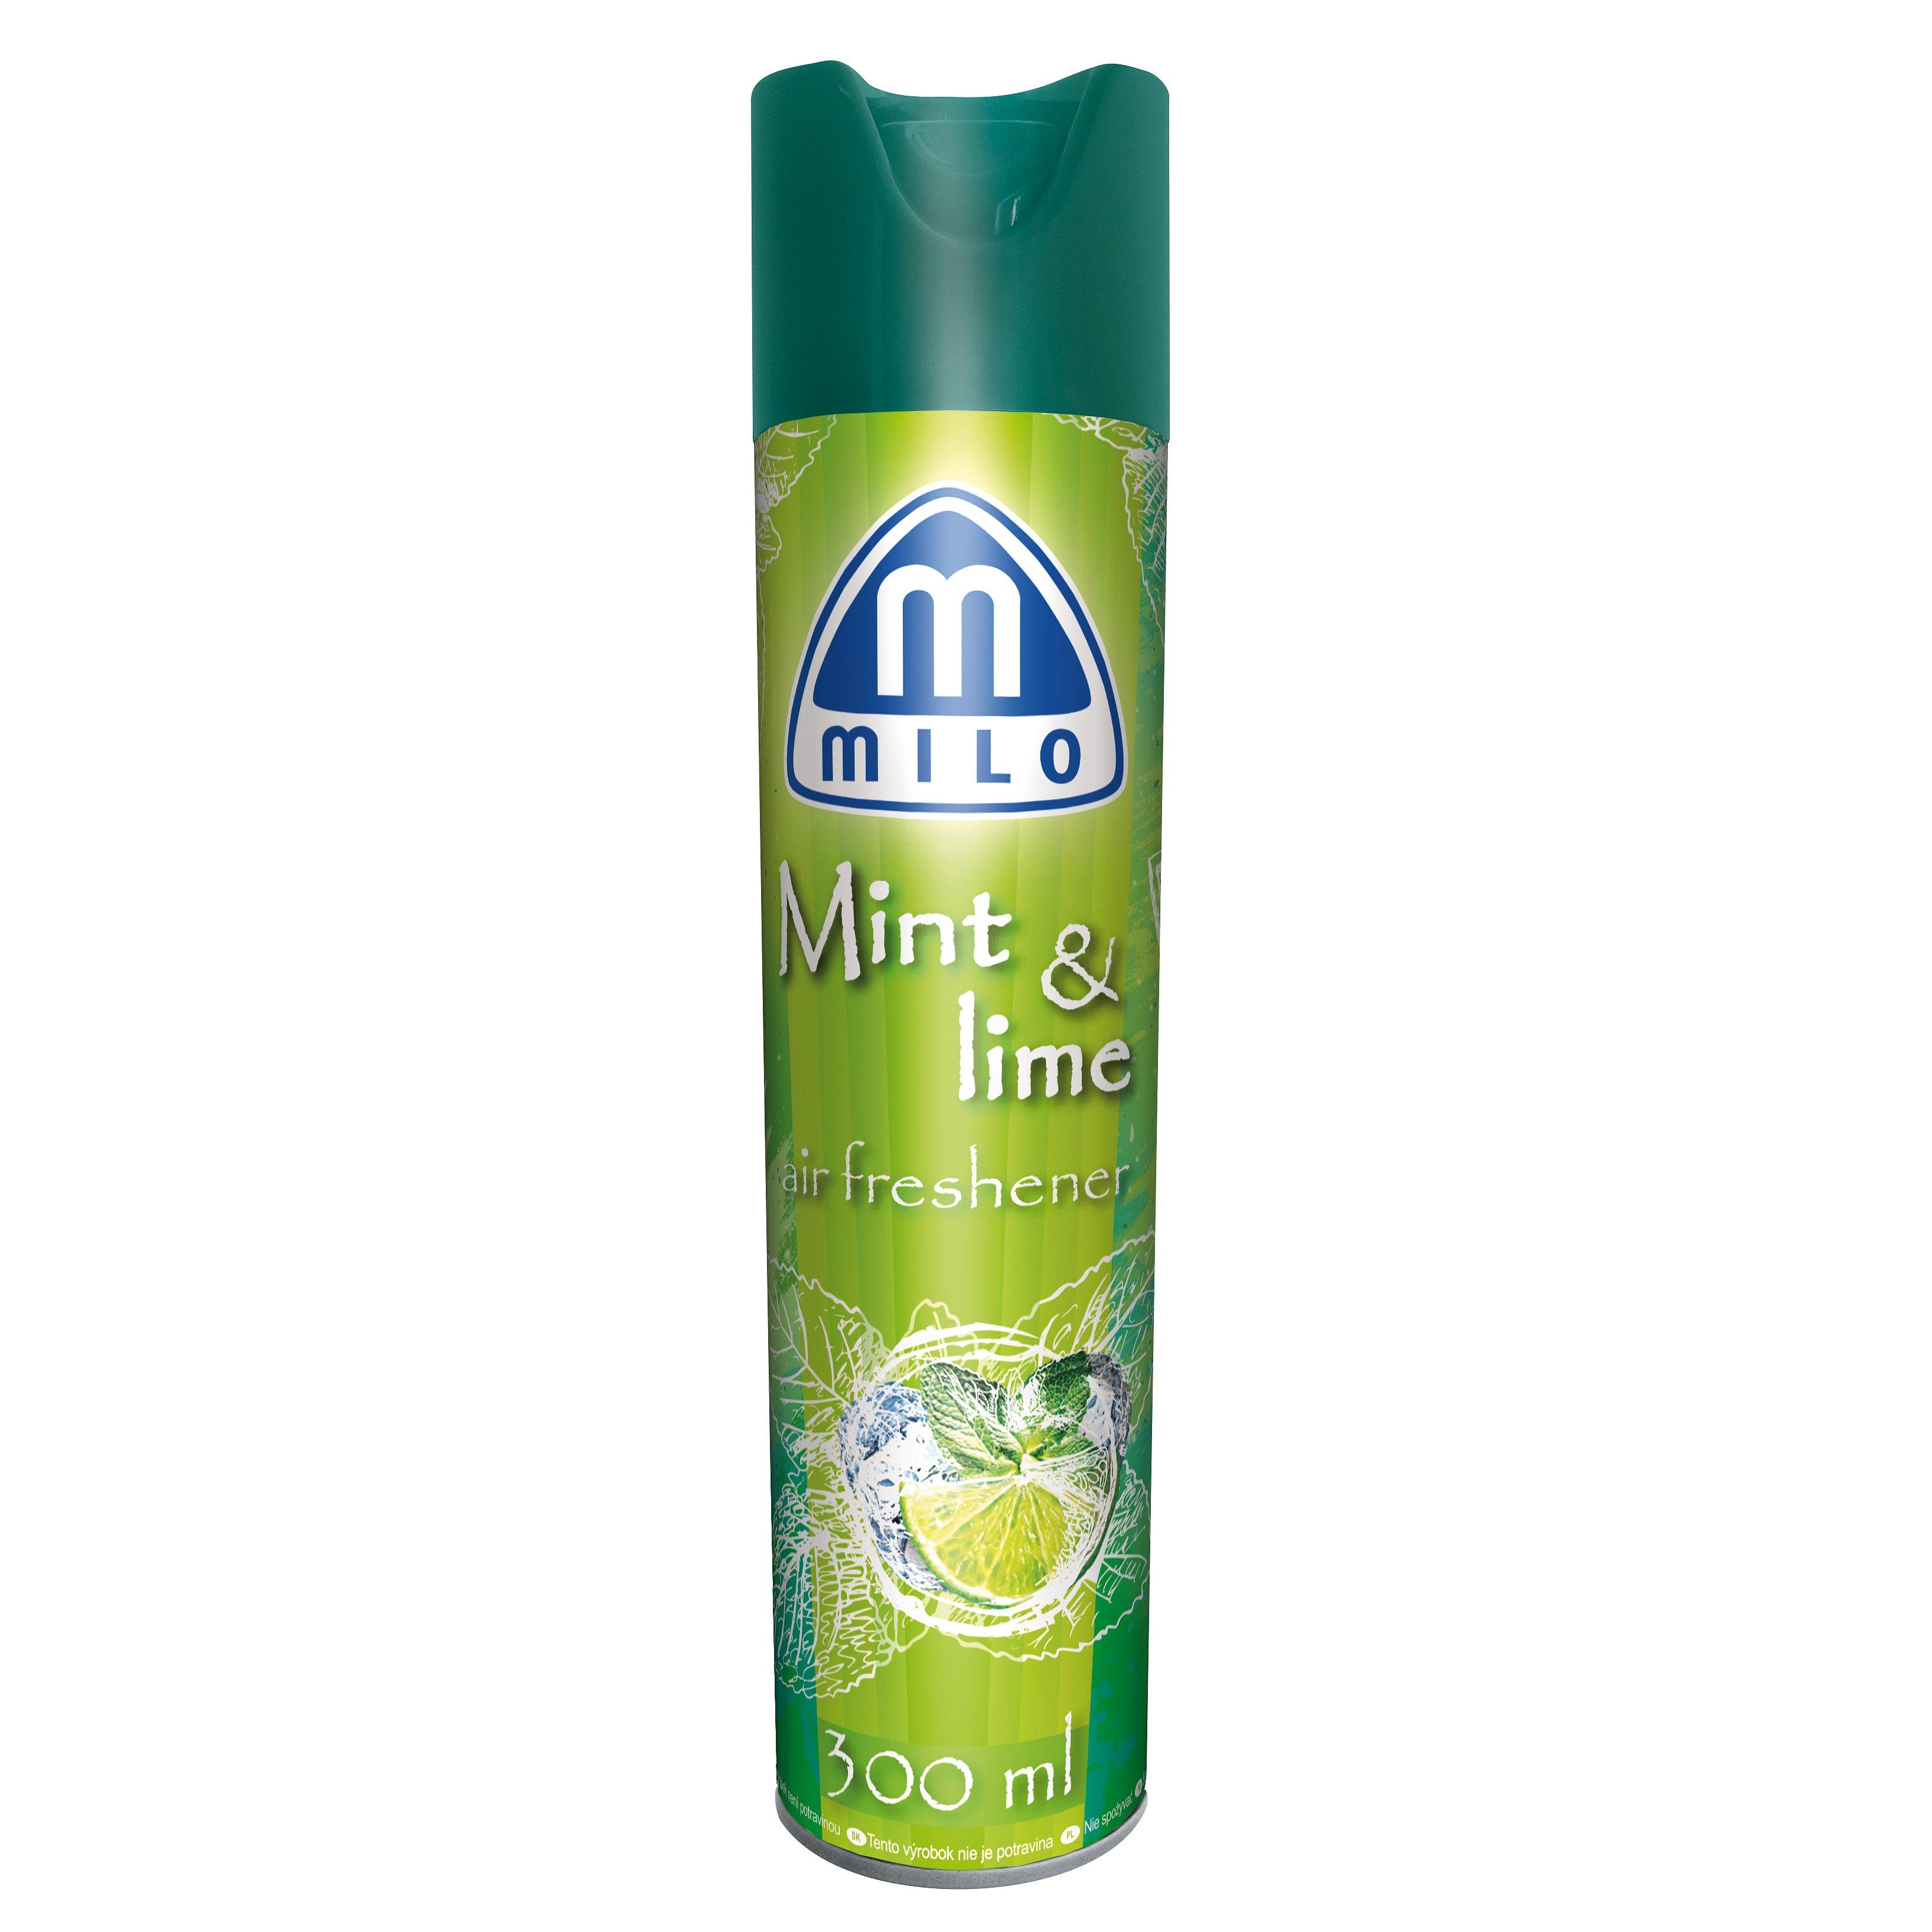 MILO Mint and lime osvěžovač vzduchu 300 ml